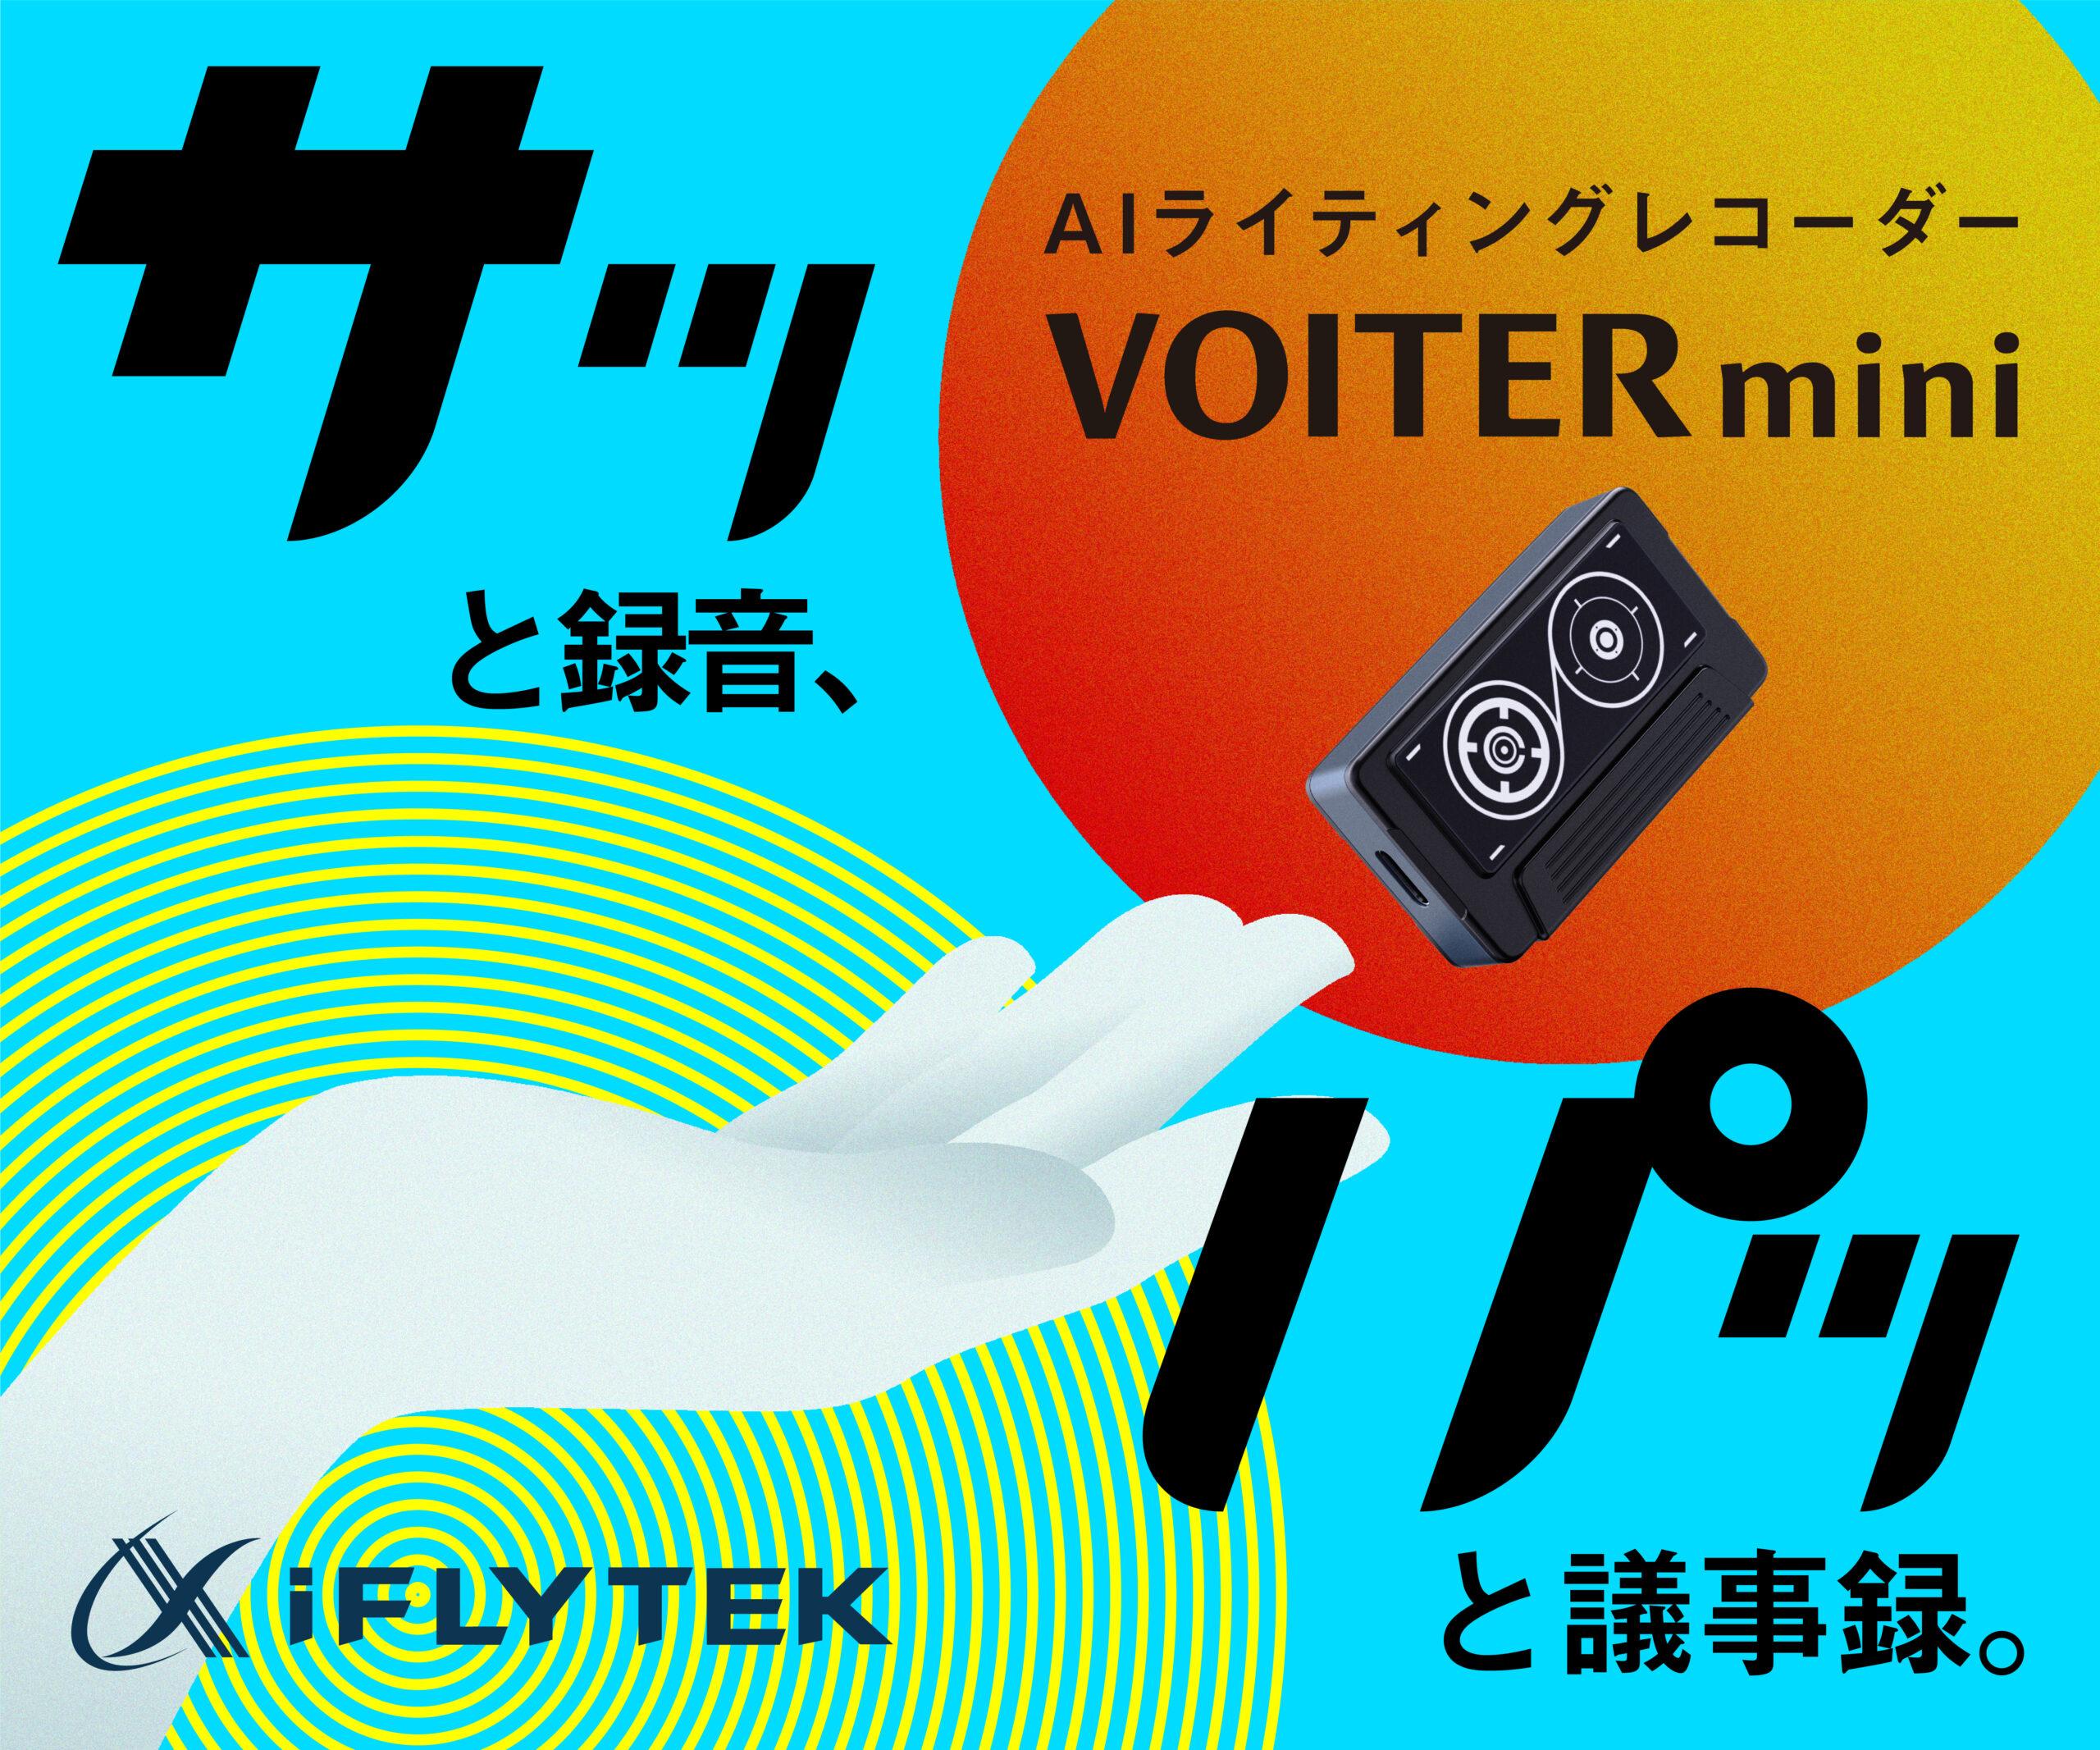 VOITER mini